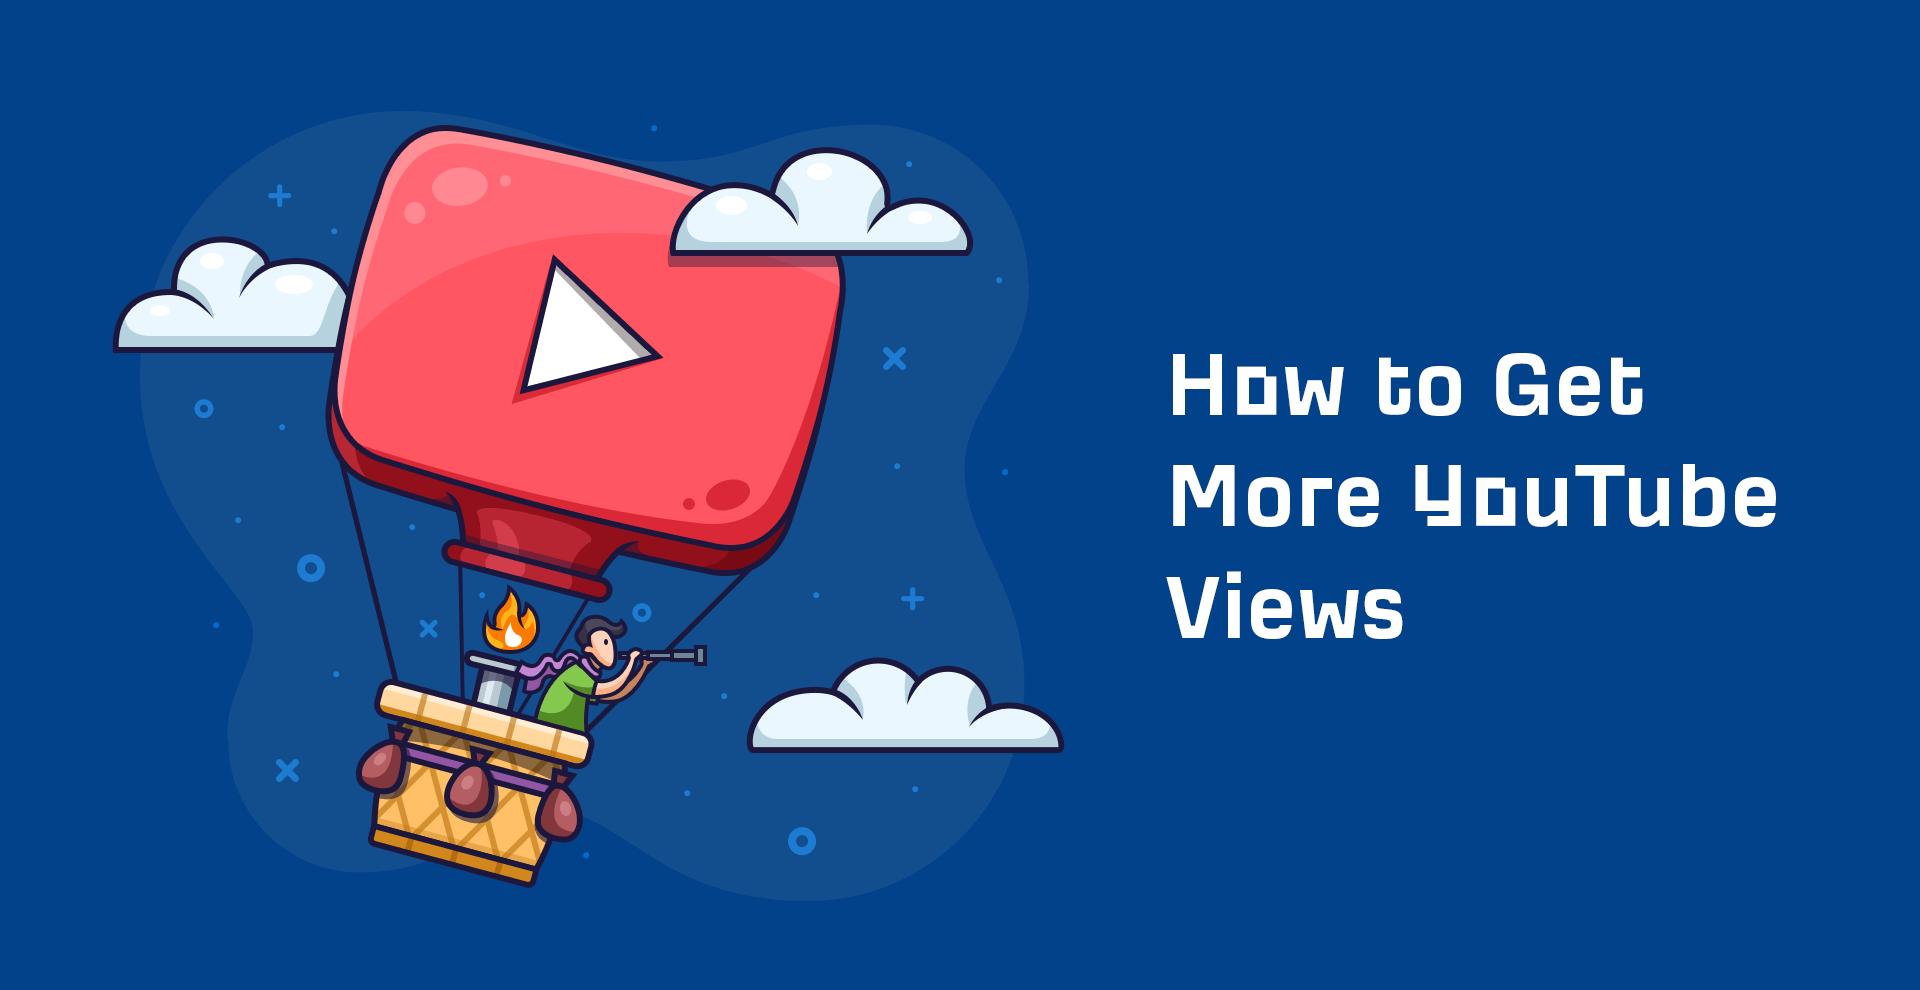 14 maneiras comprovadas de obter mais visualizações no YouTube 1